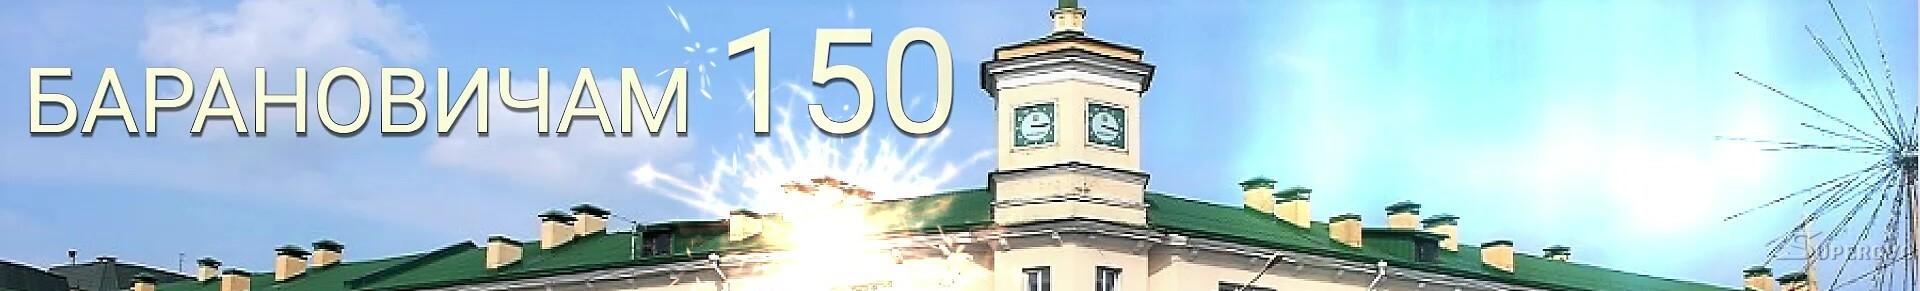 150 лет Барановичам